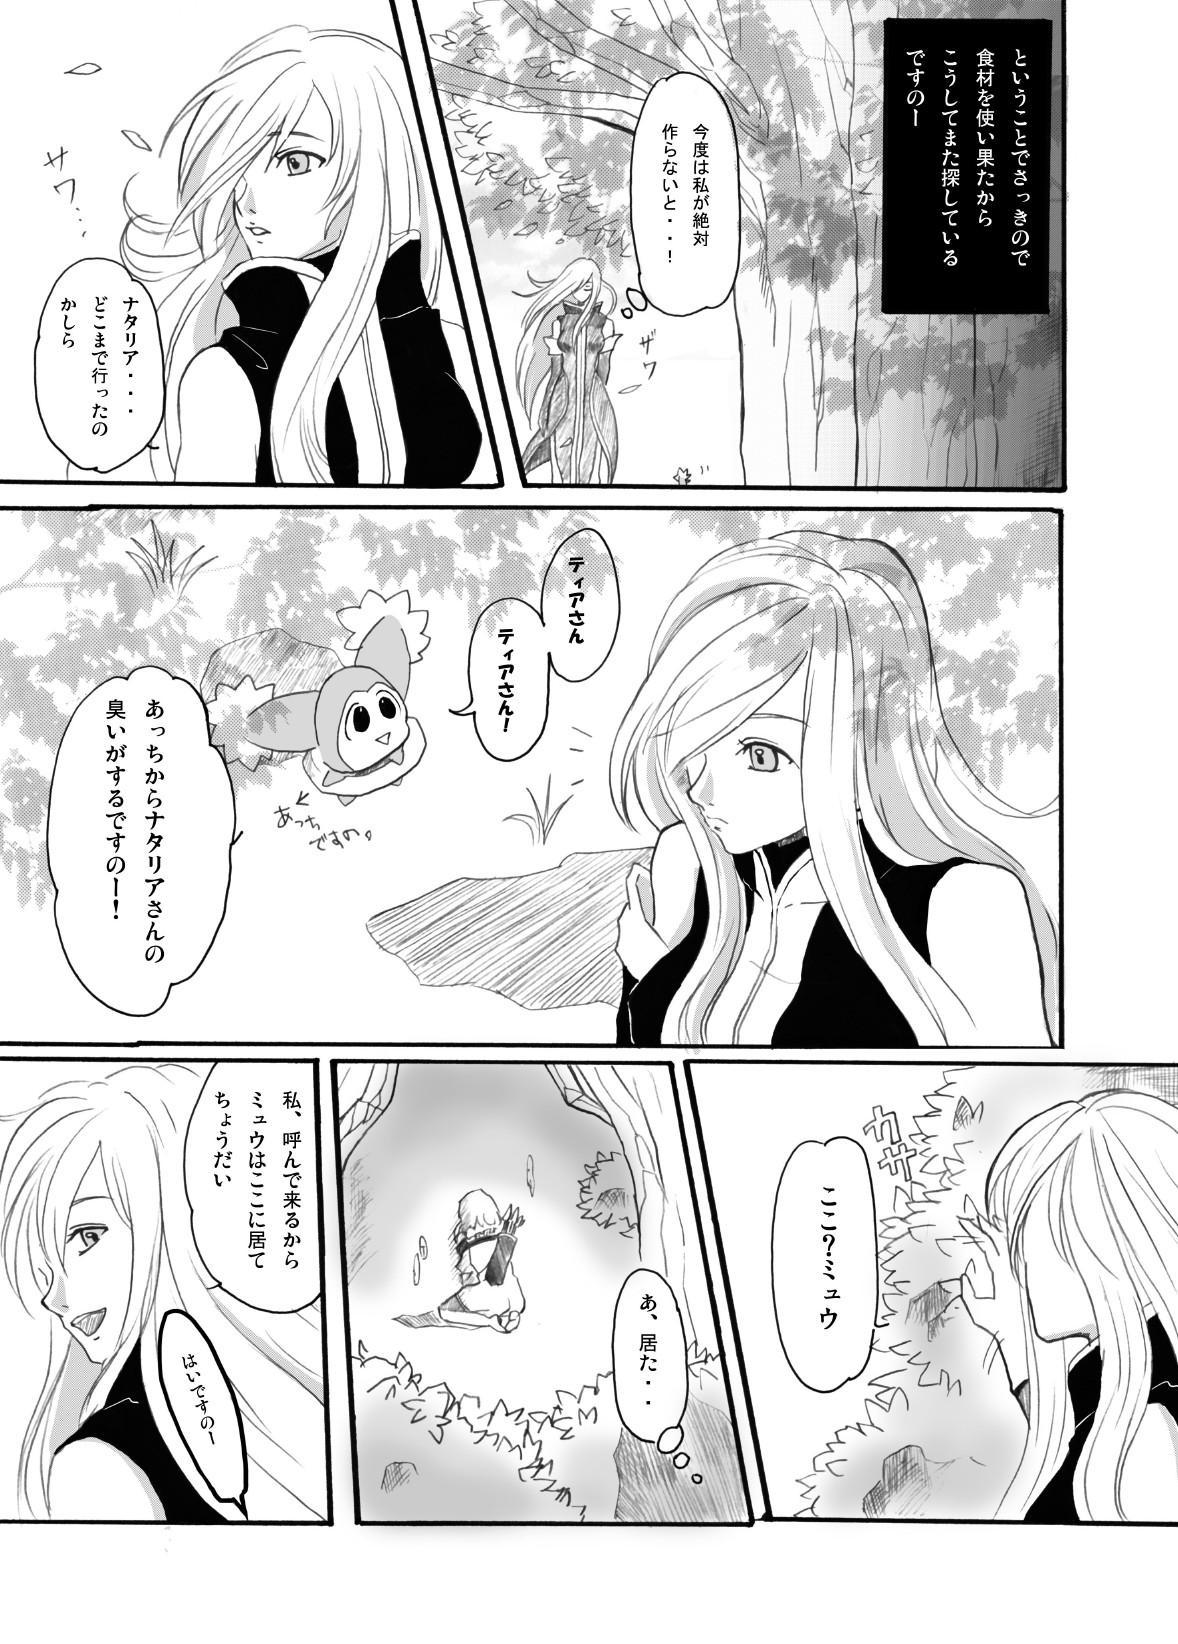 Tales no toriko 5